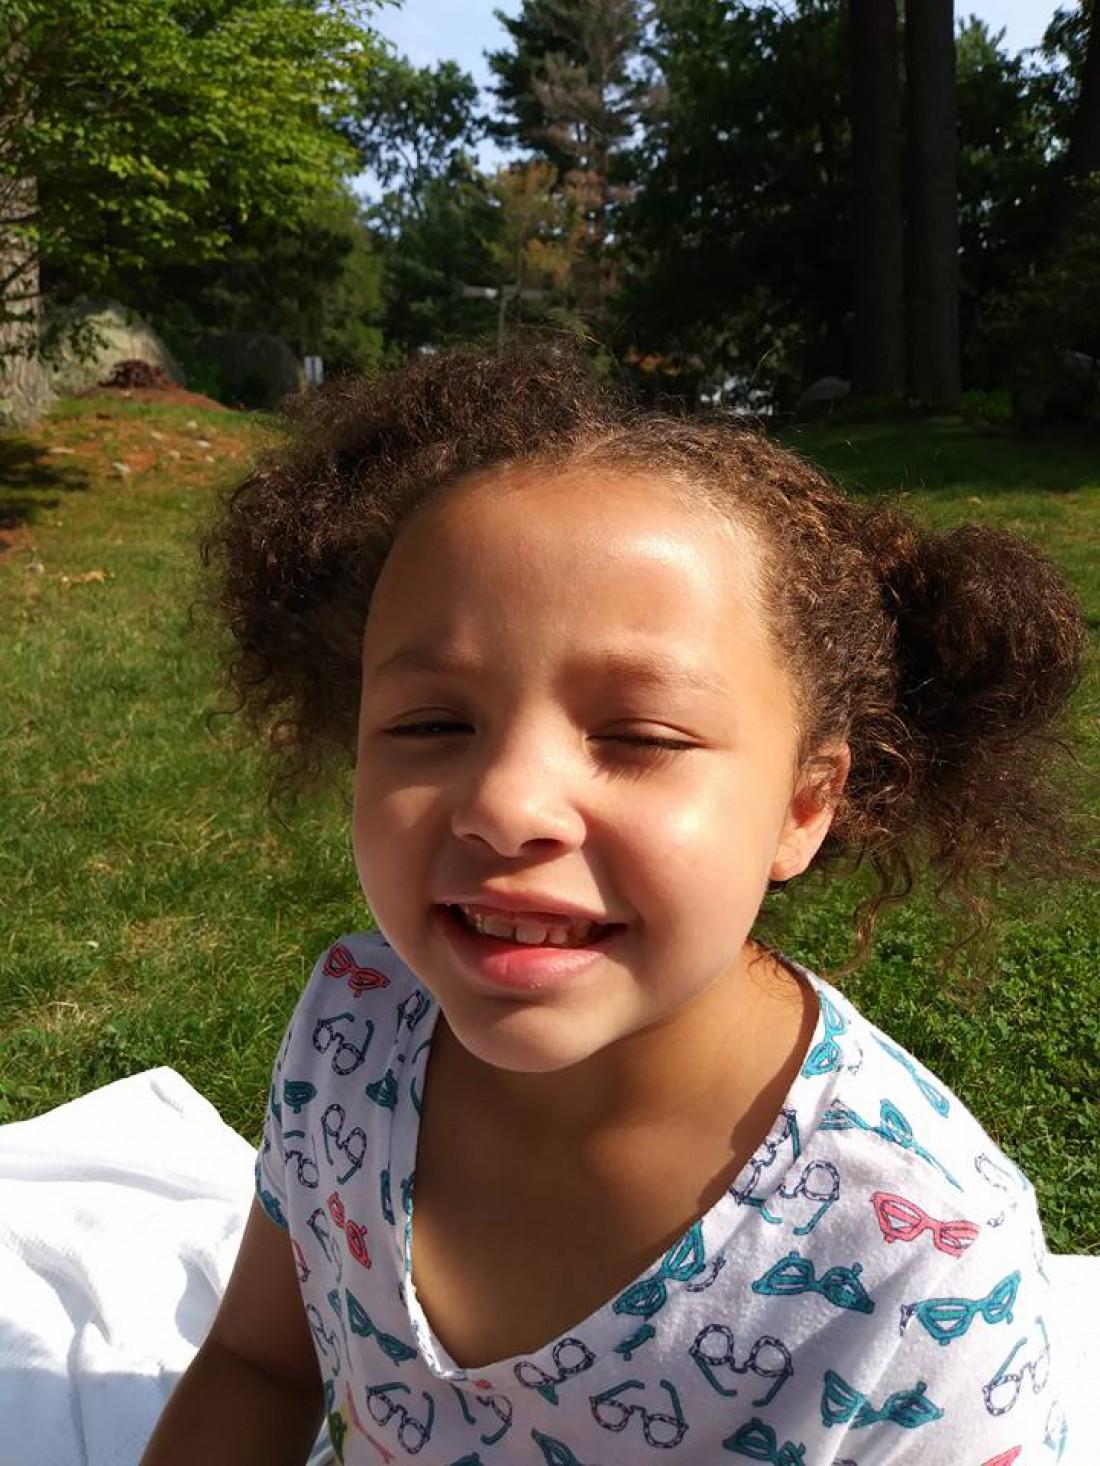 Да, что они делают с детьми: 7-летней девочке отрезали волосы в школе